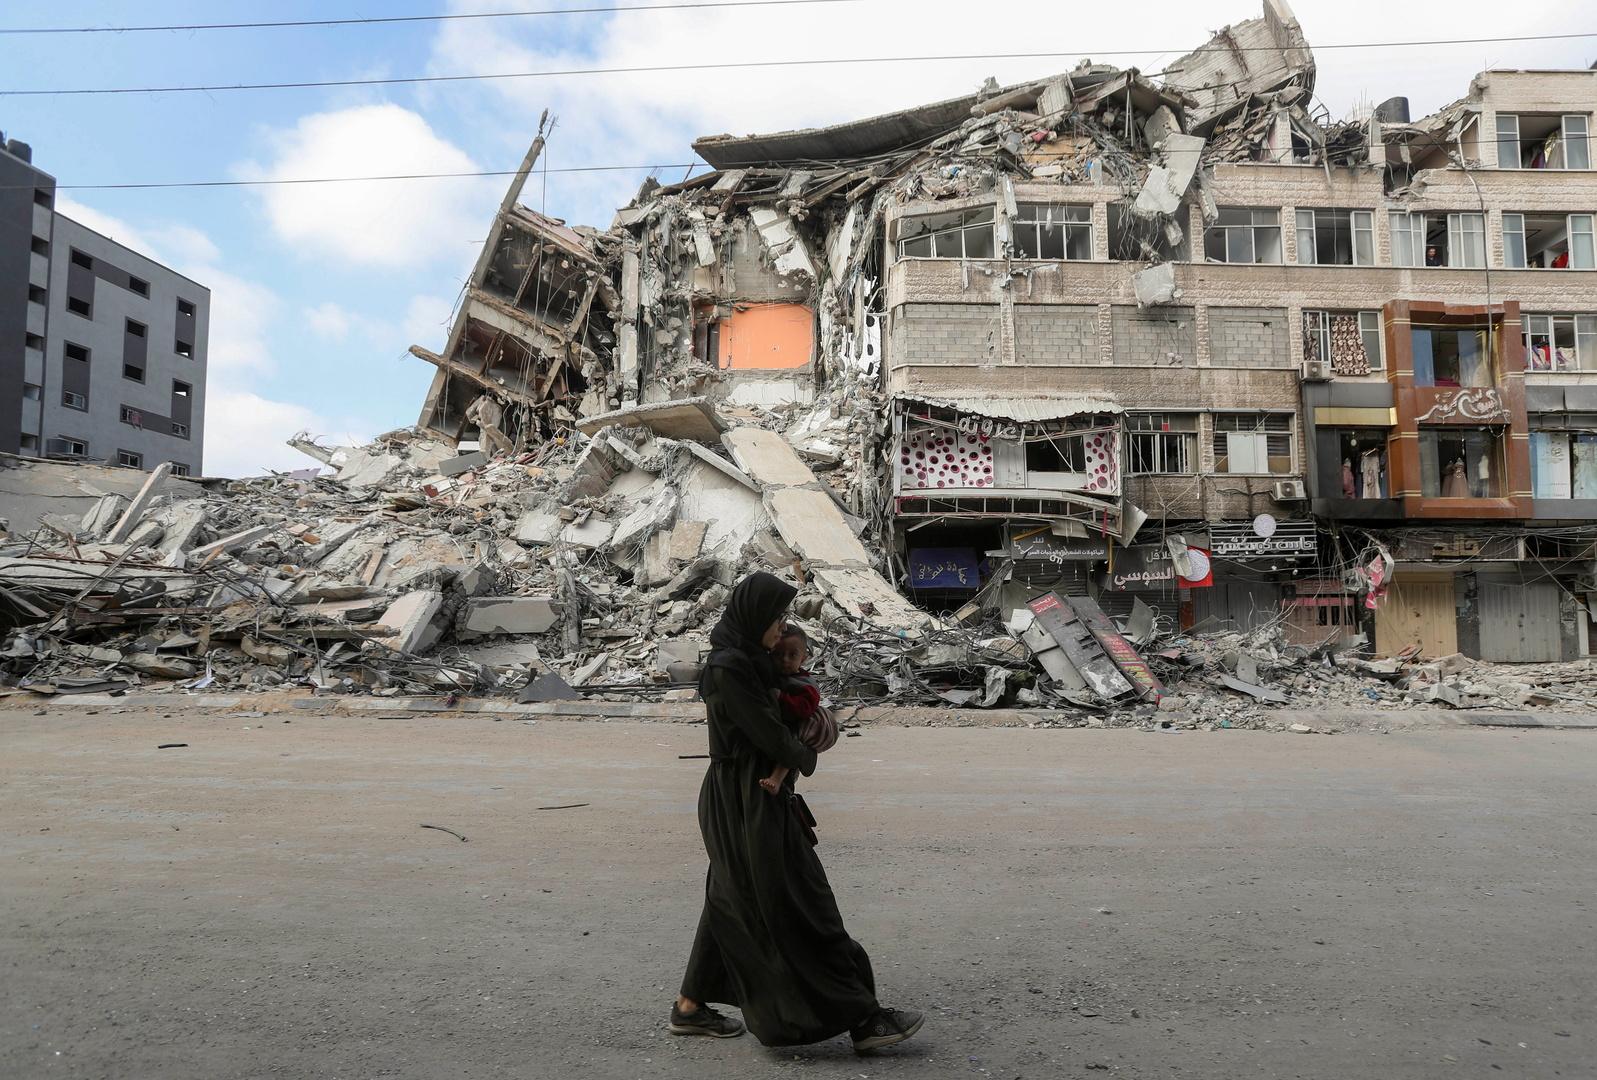 سيناتور أمريكي بارز: السلطة الفلسطينية غير قادرة على قيادة إعادة إعمار غزة